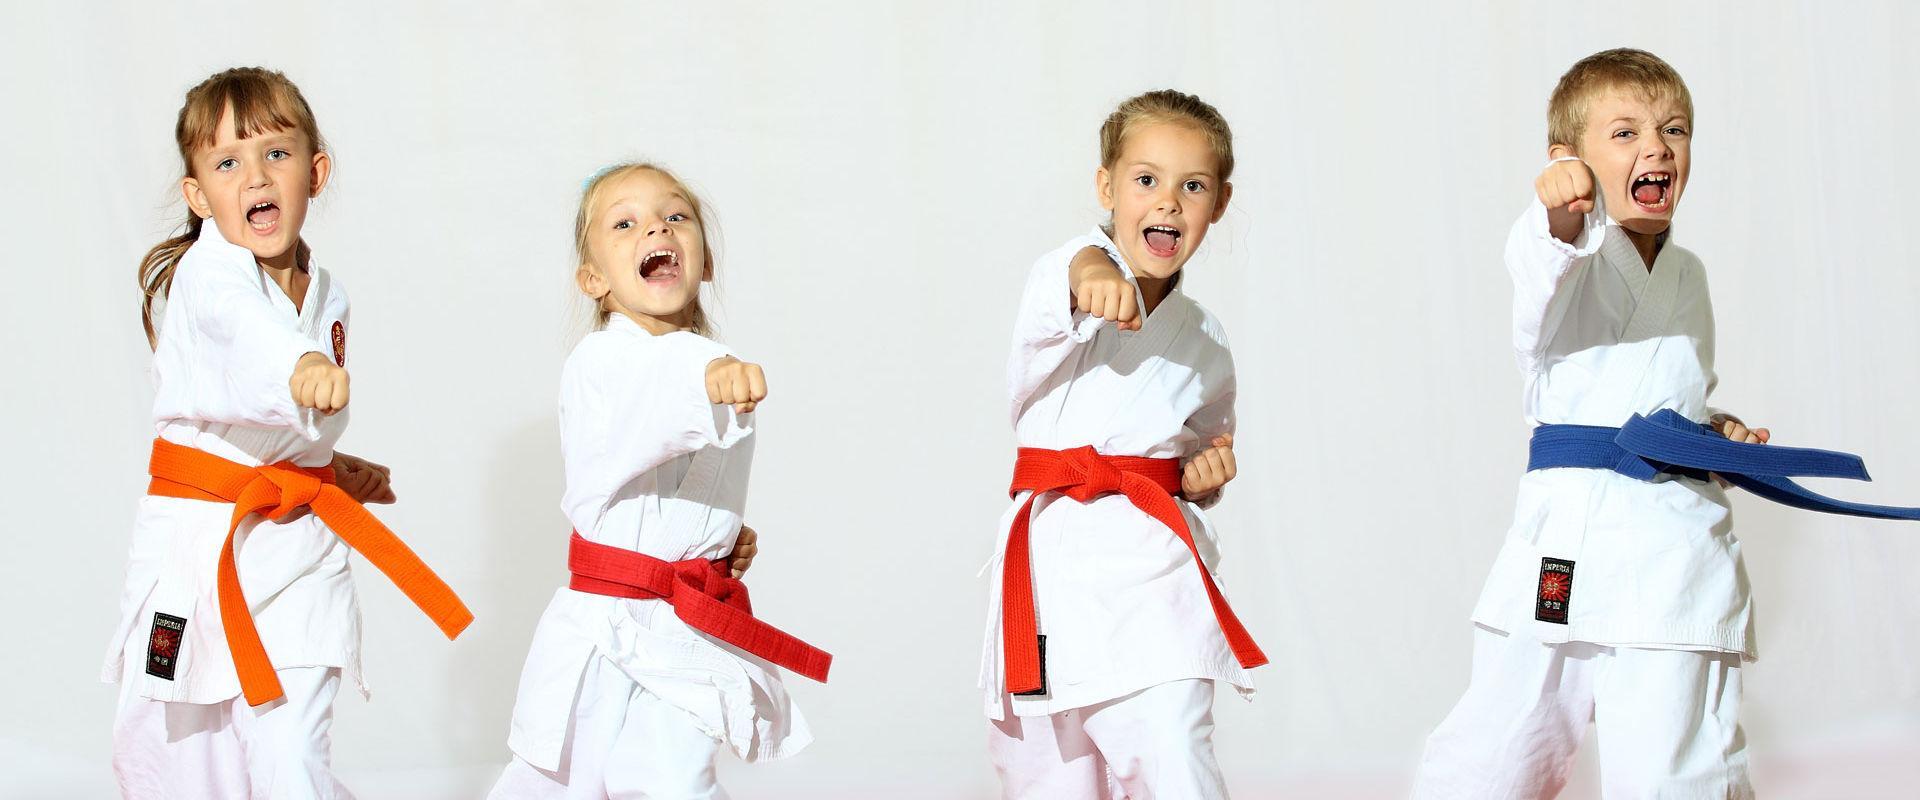 Fonte: http://www.spaziosolosalute.it/corso-taekwondo-per-bambini-milano.html